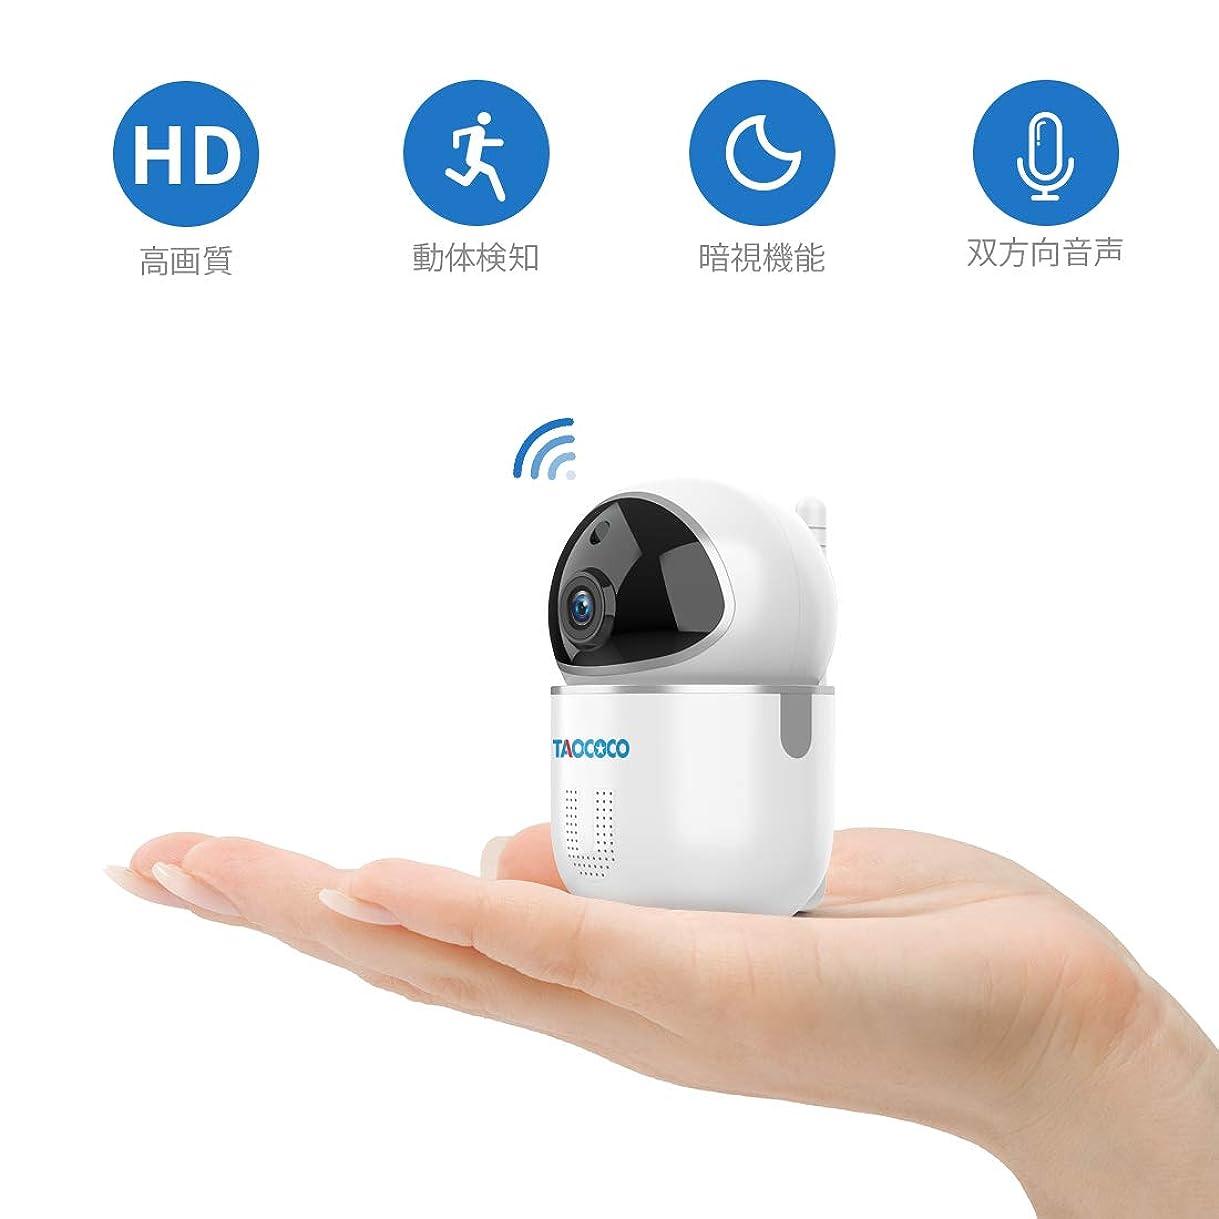 インスタントそのような衣装TAOCOCO 720P 防犯カメラ ネットワークカメラ 室内カメラ WiFi対応 ワイヤレスカメラ 遠隔監視 暗視機能 動体検知 P2P対応 スマホ/パソコン対応 双方向音声 ベビーカメラ お部屋の防犯対策 日本語説明書付き(ホワイト)